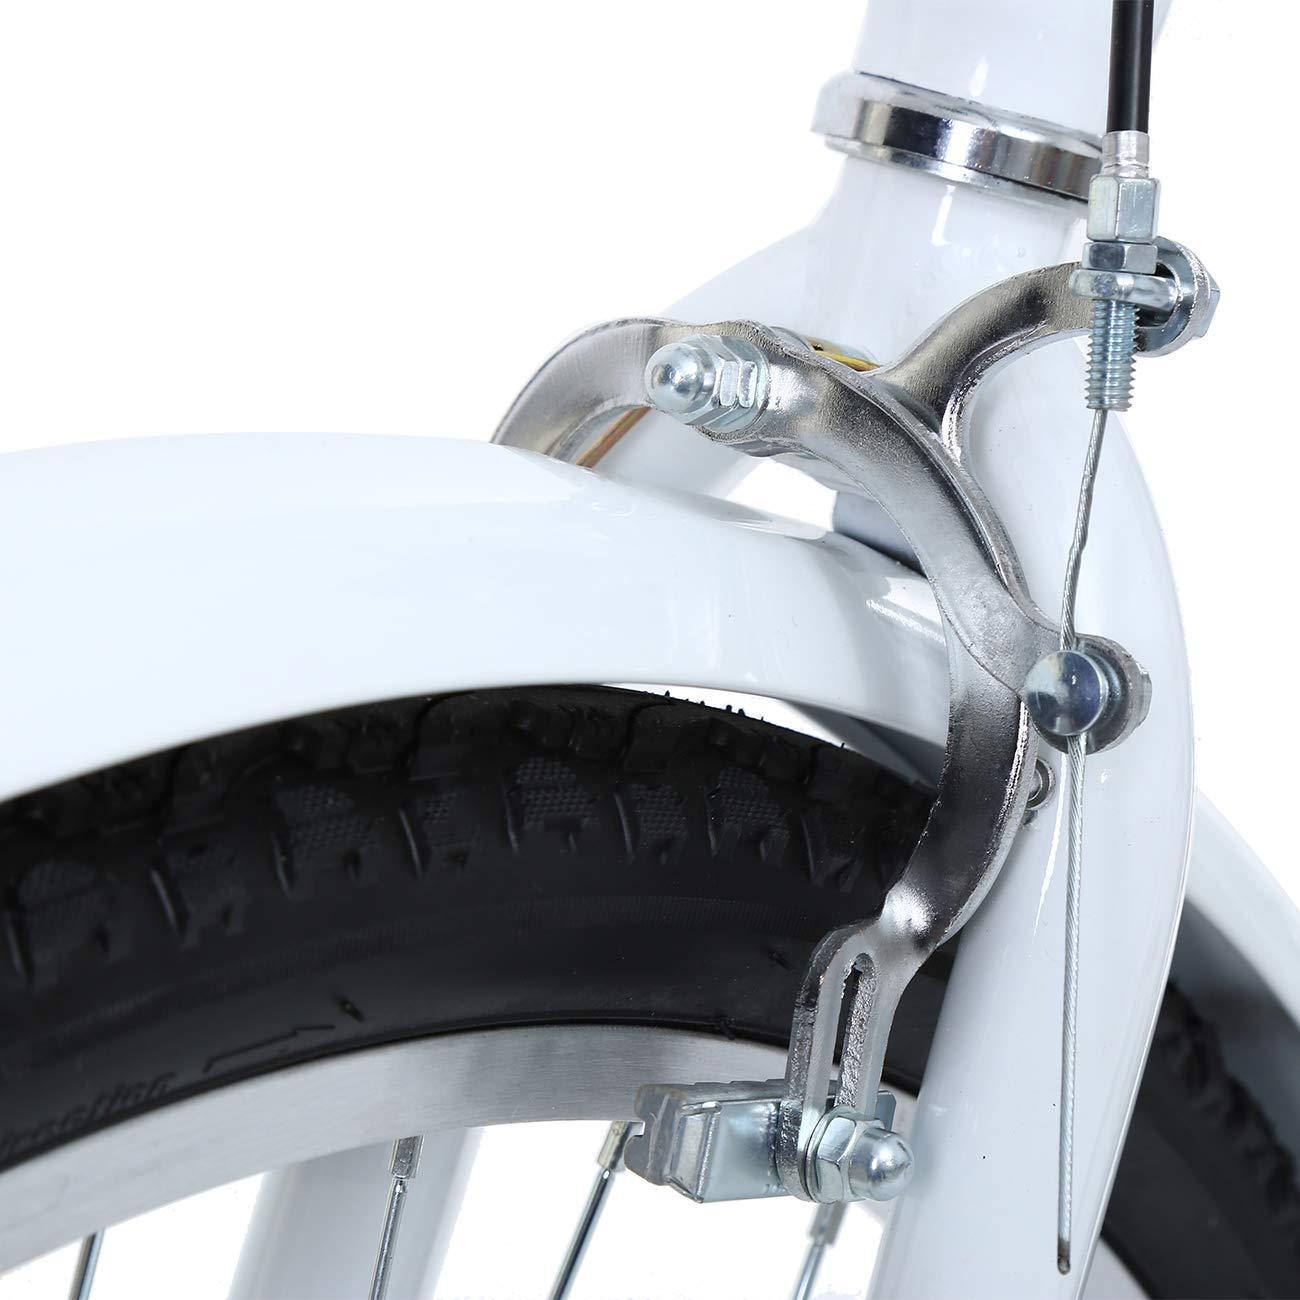 Muguang Dreirad F/ür Erwachsene 26 Zoll 7 Geschwindigkeit 3 Rad Fahrrad Dreirad mit Korb(Wei/ß